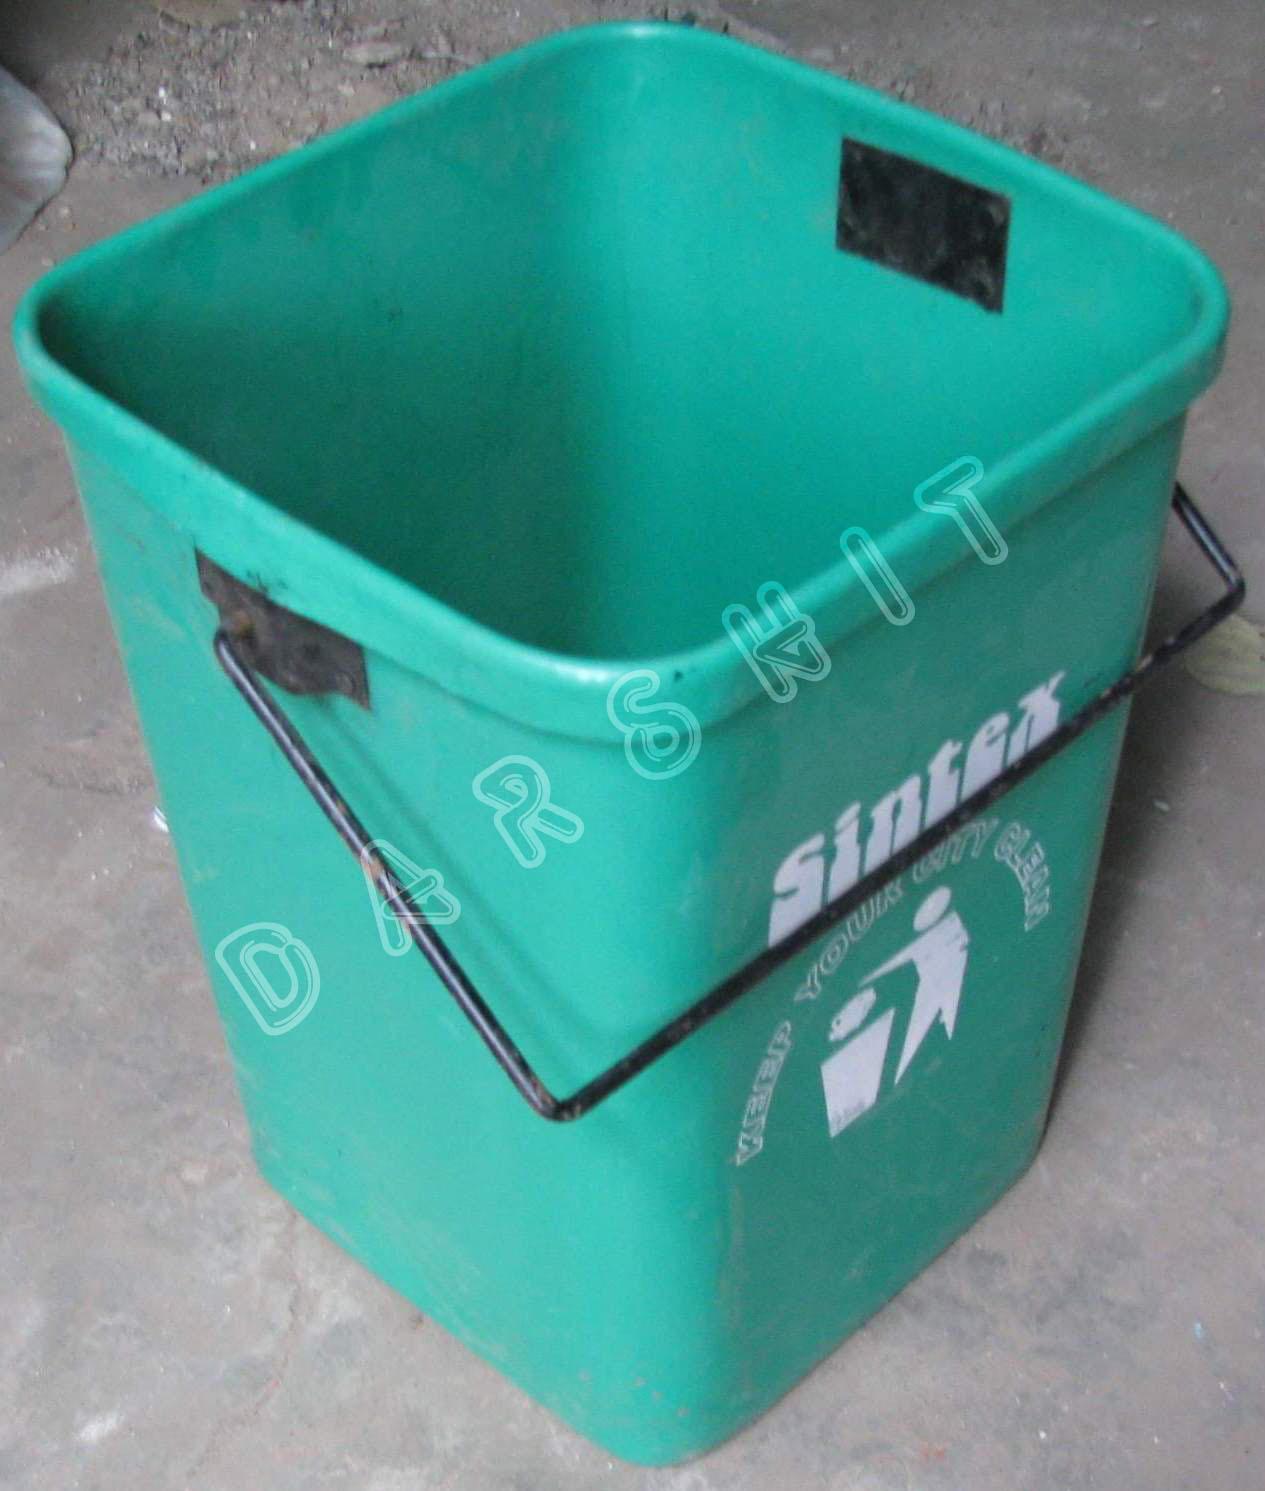 Sintex Waste Collection Baskets